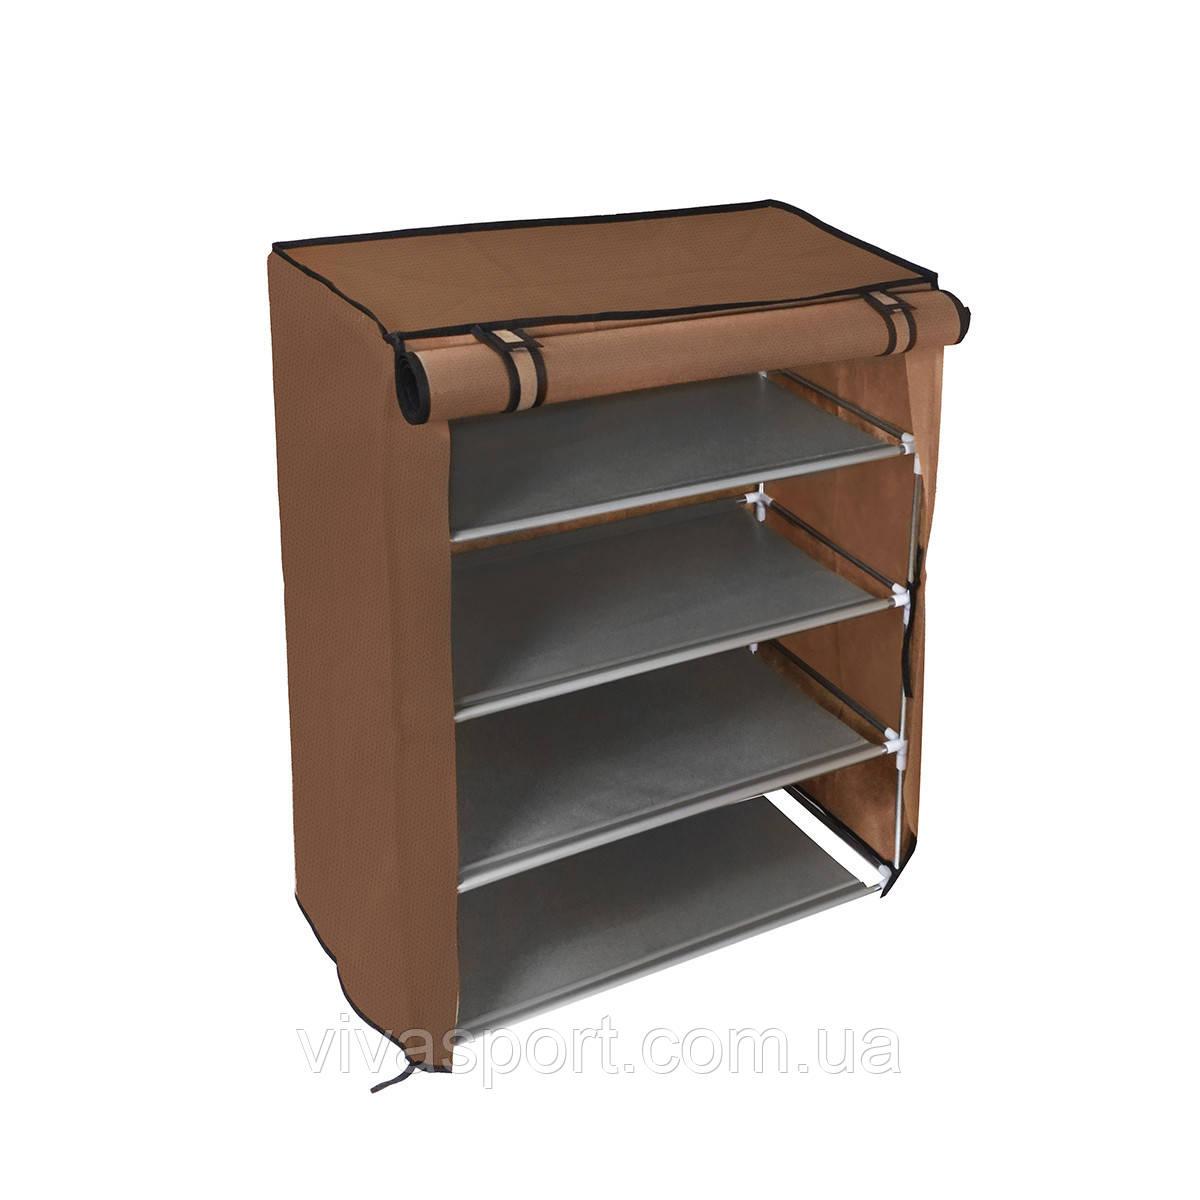 Тканевый шкаф для обуви, кофейный